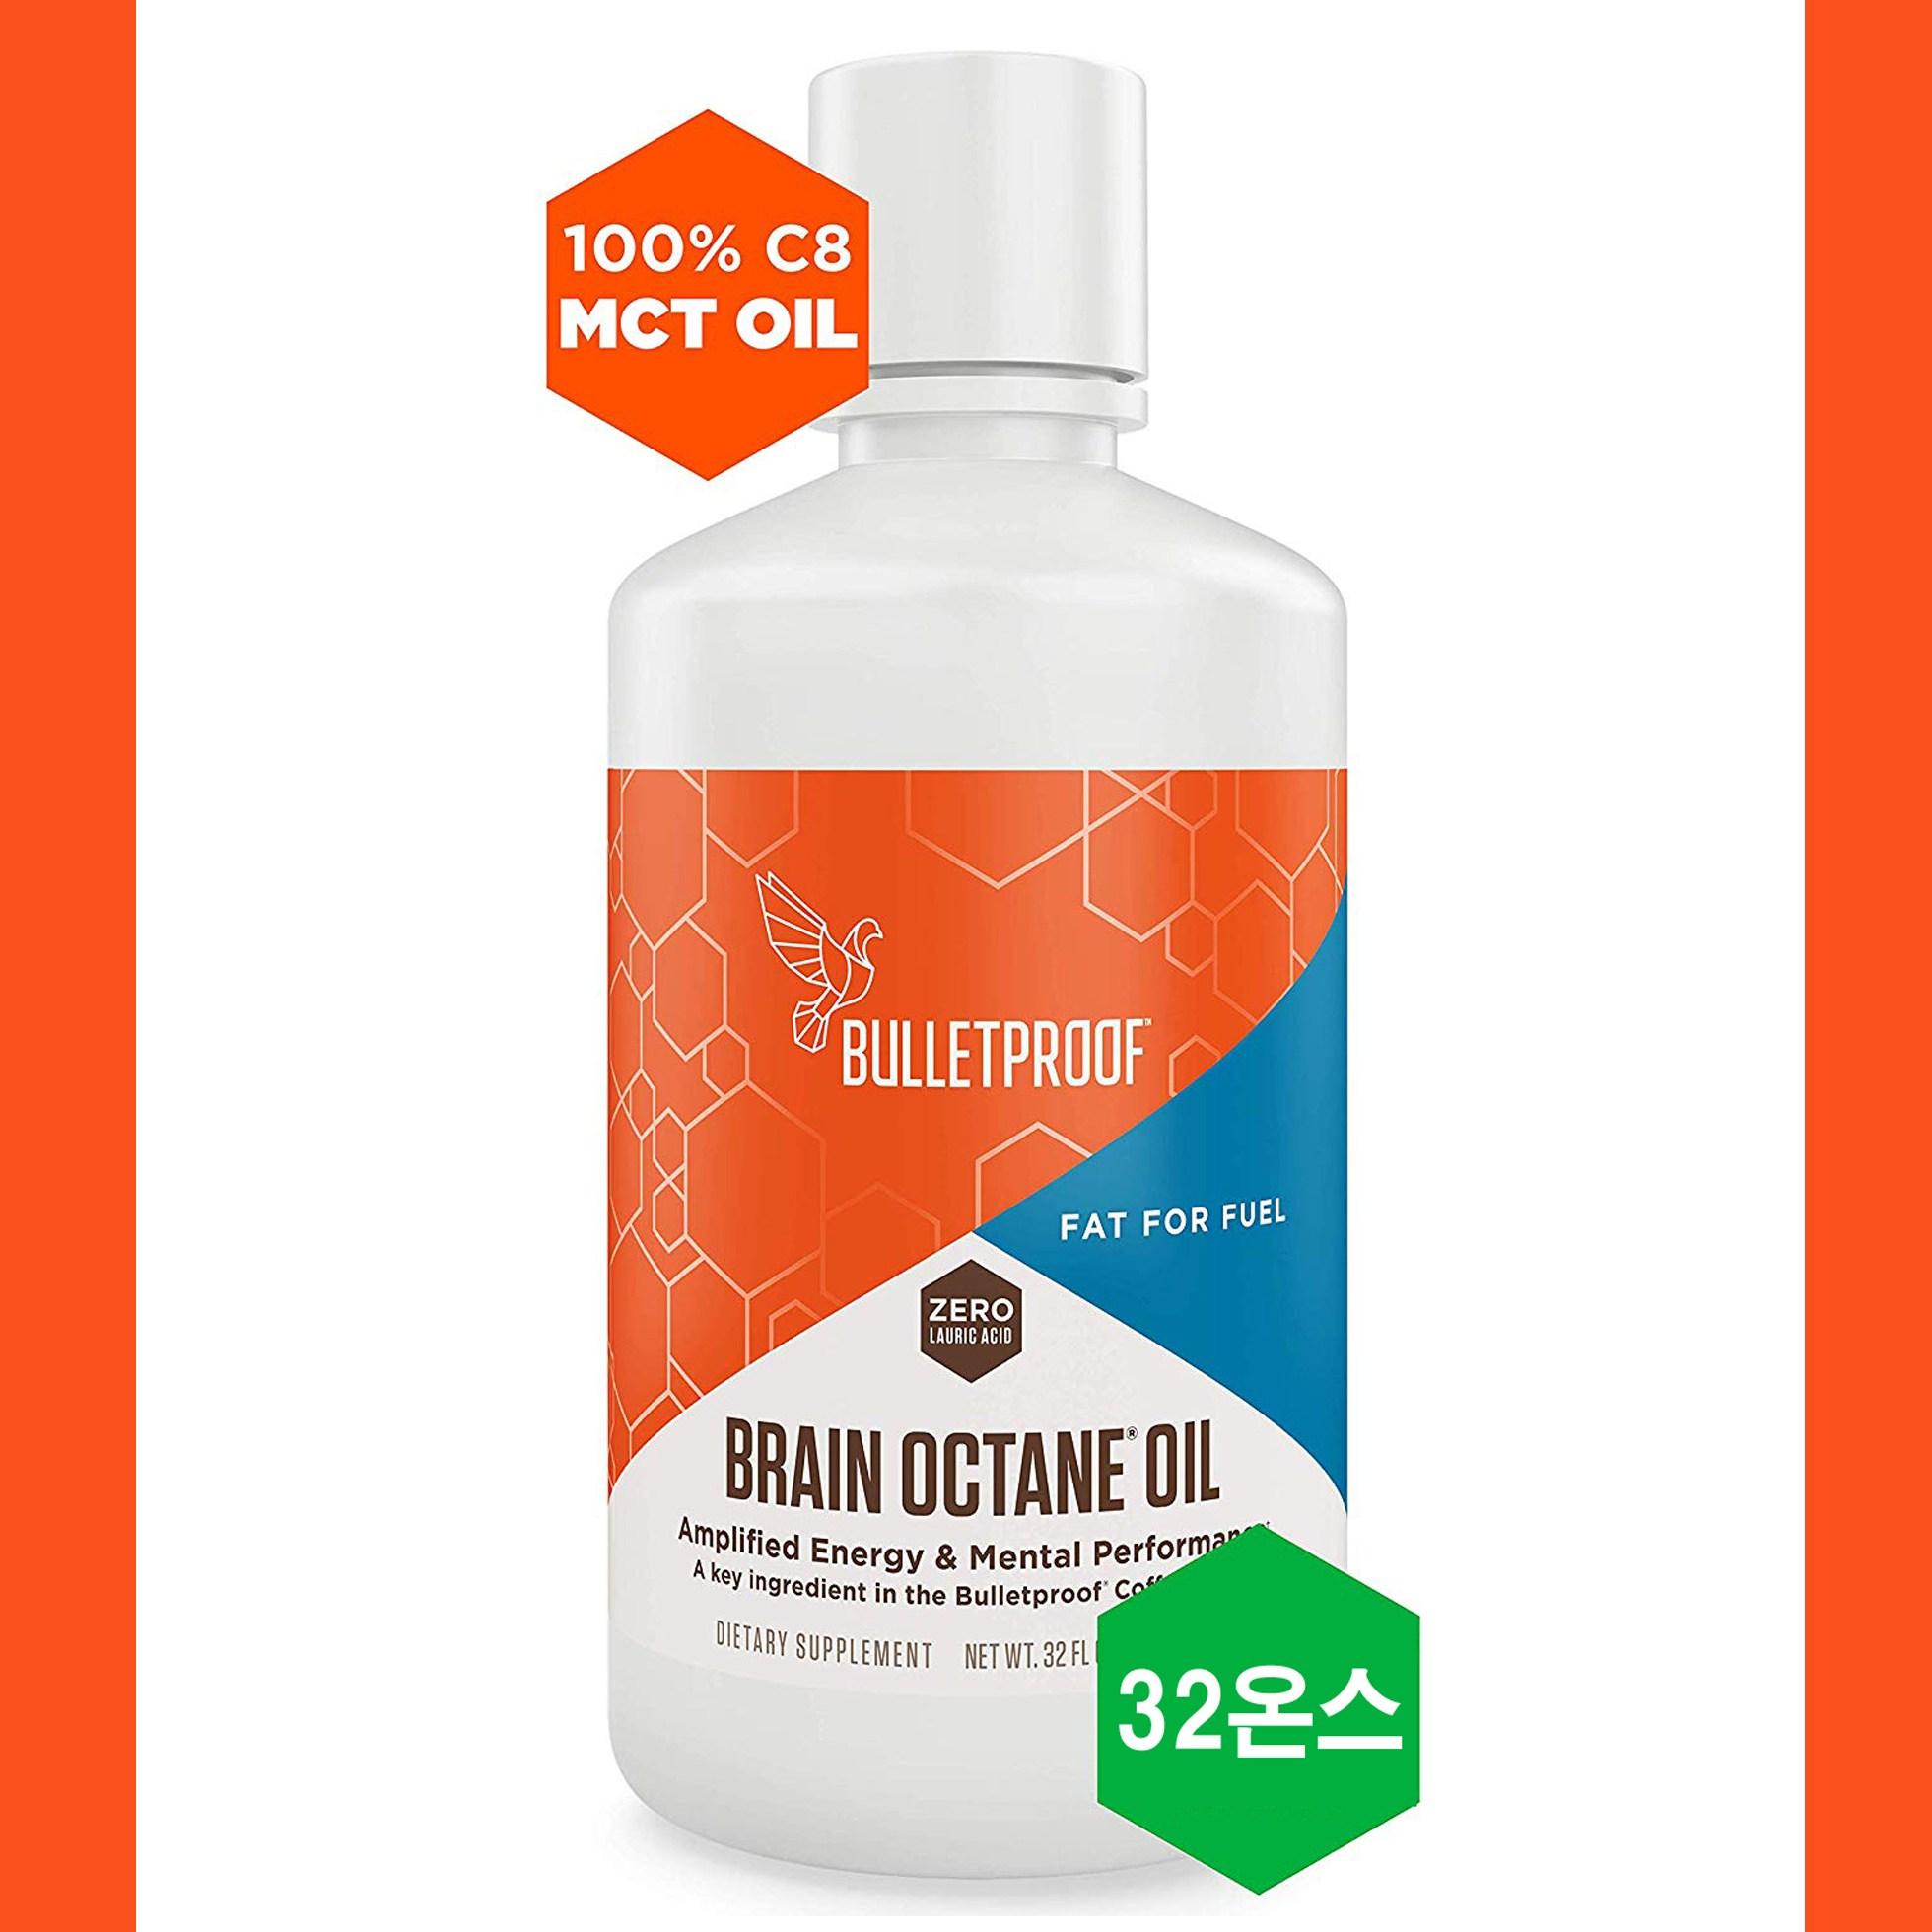 브레인 옥탄 옥테인 16온스 32온스 MCT오일 방탄커피 제조 Bulletproof Brain Octane, 1개, 946ml